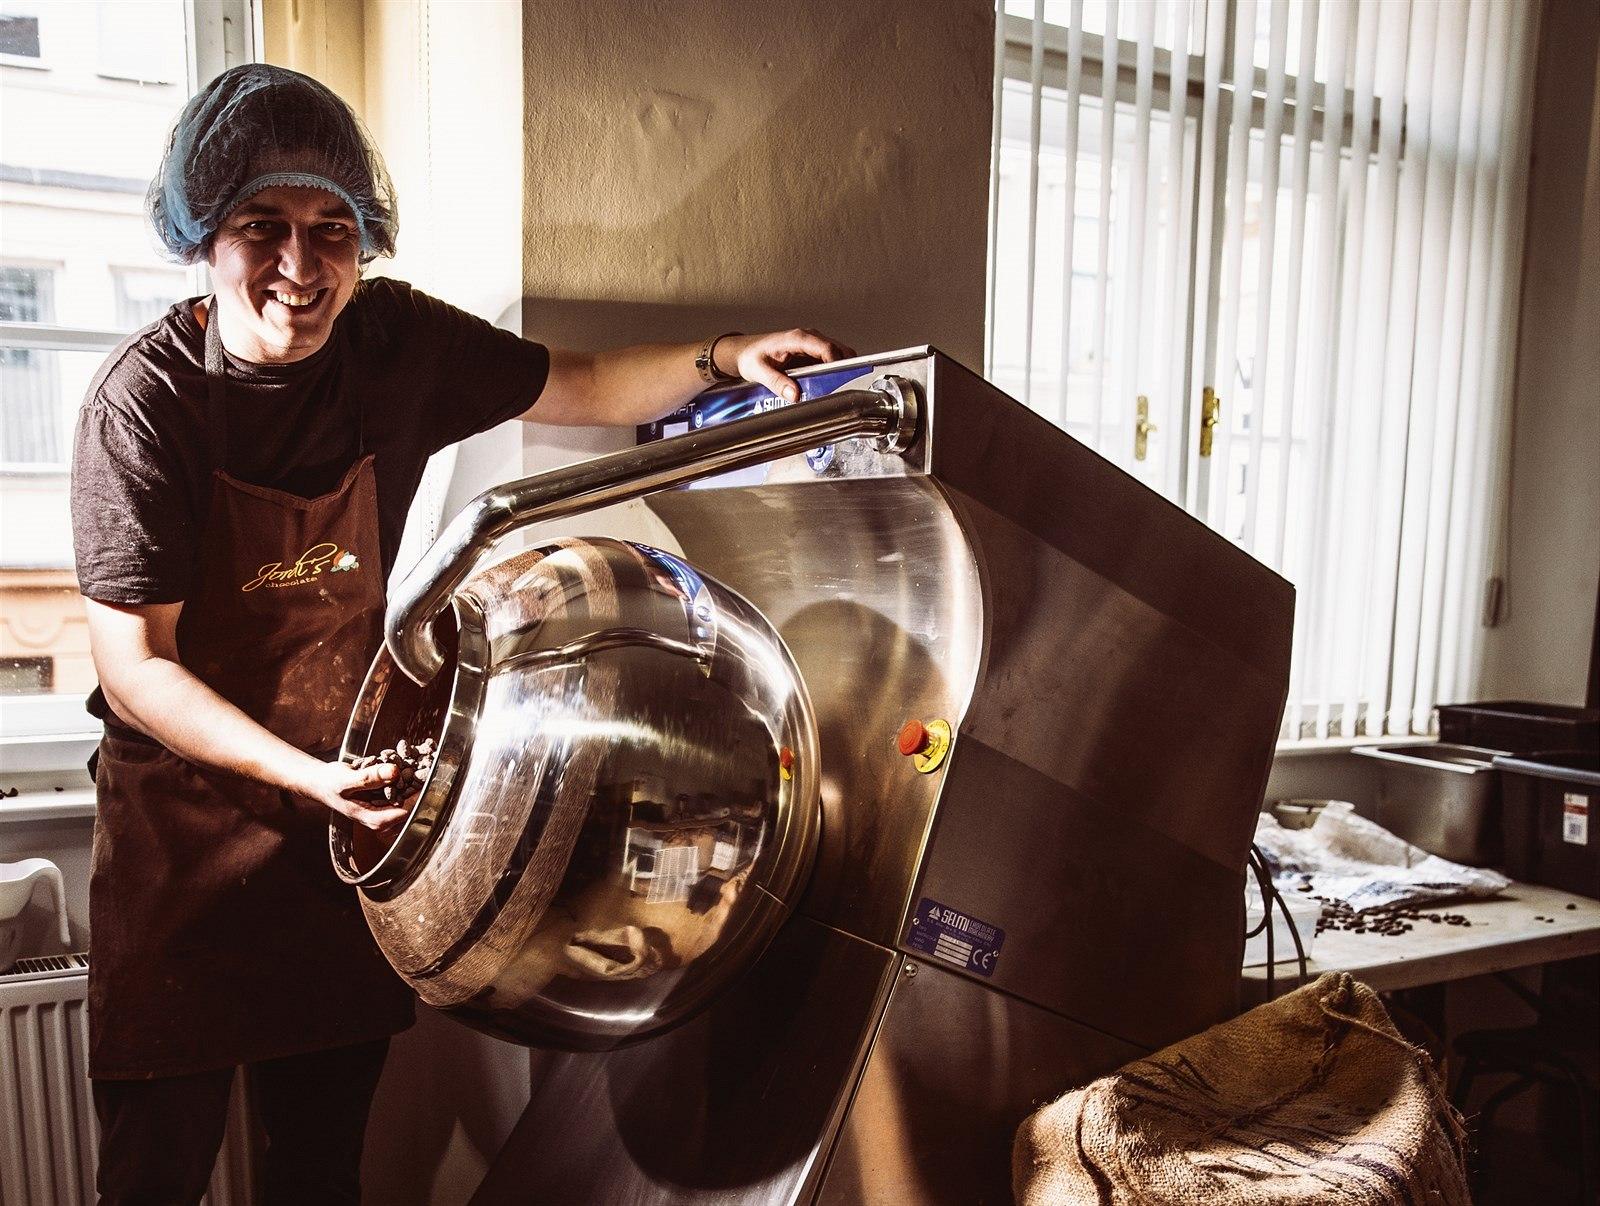 Nejnovějším přírůstkem do výrobny je moderní naleštěný nerezový dražér. Slouží k rovnoměrnému obalení kakaových bobů, kávovýh zrn či ořechů čokoládou. Jiří u této míchačky stojí celé dvě hodiny a postupně přilévá čokoládu, až vzniknou hladké kuličky.